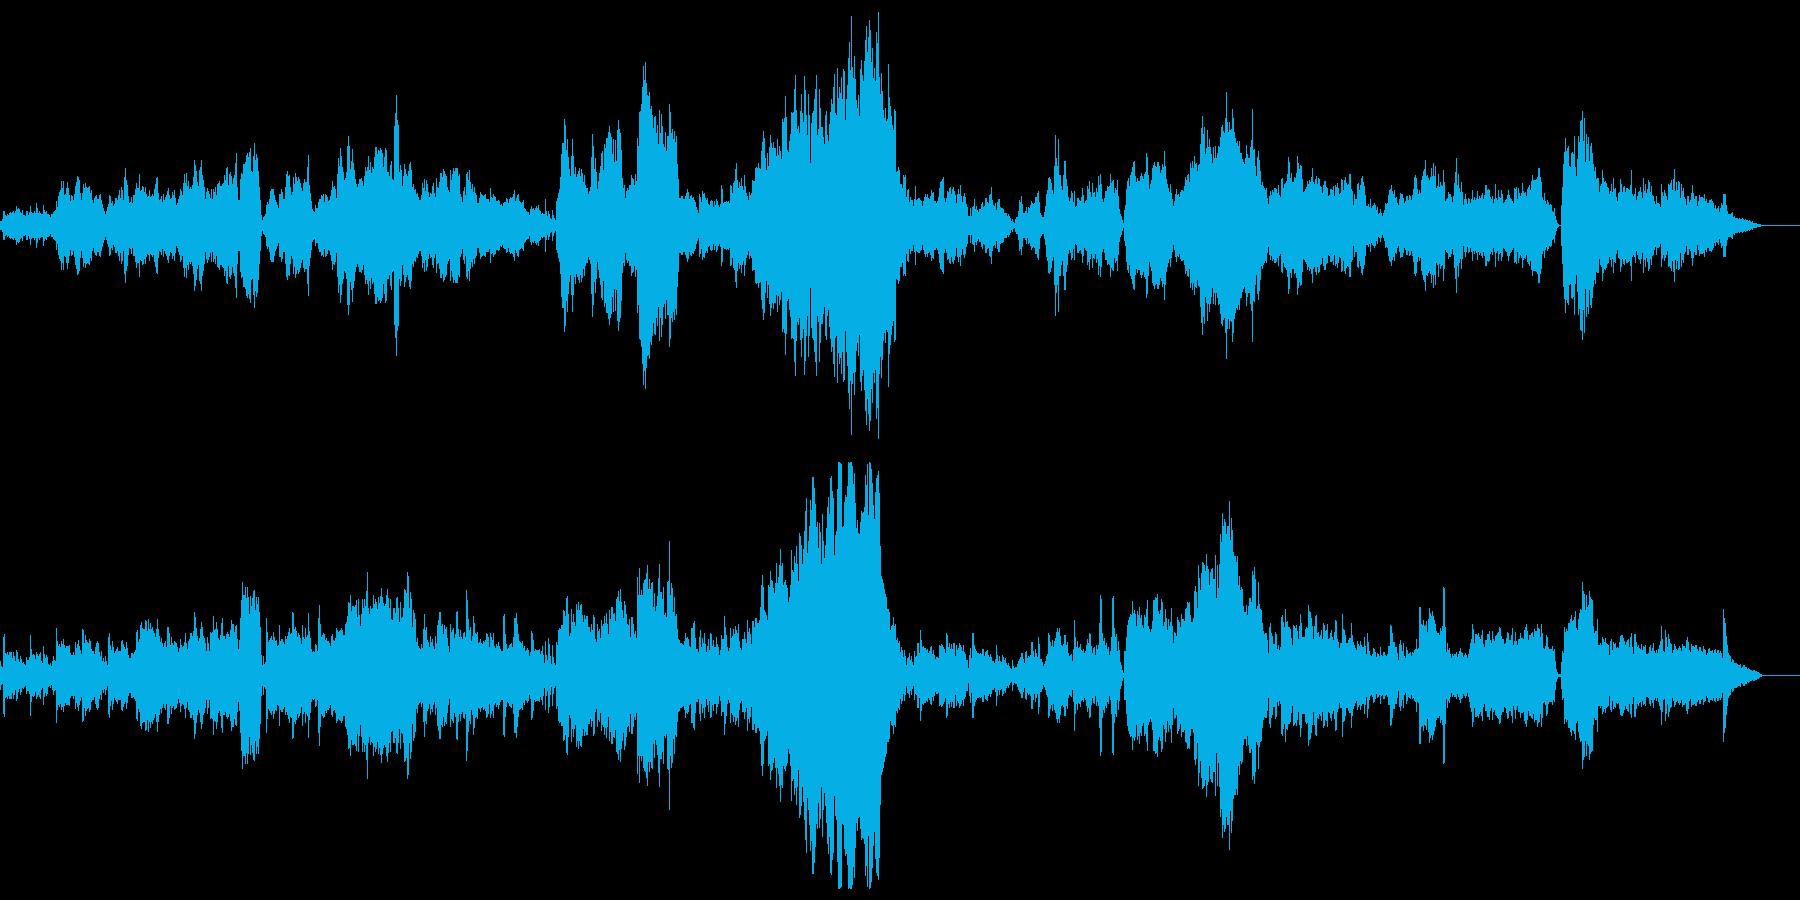 タイスの瞑想曲 フルオケリバーブ無しの再生済みの波形